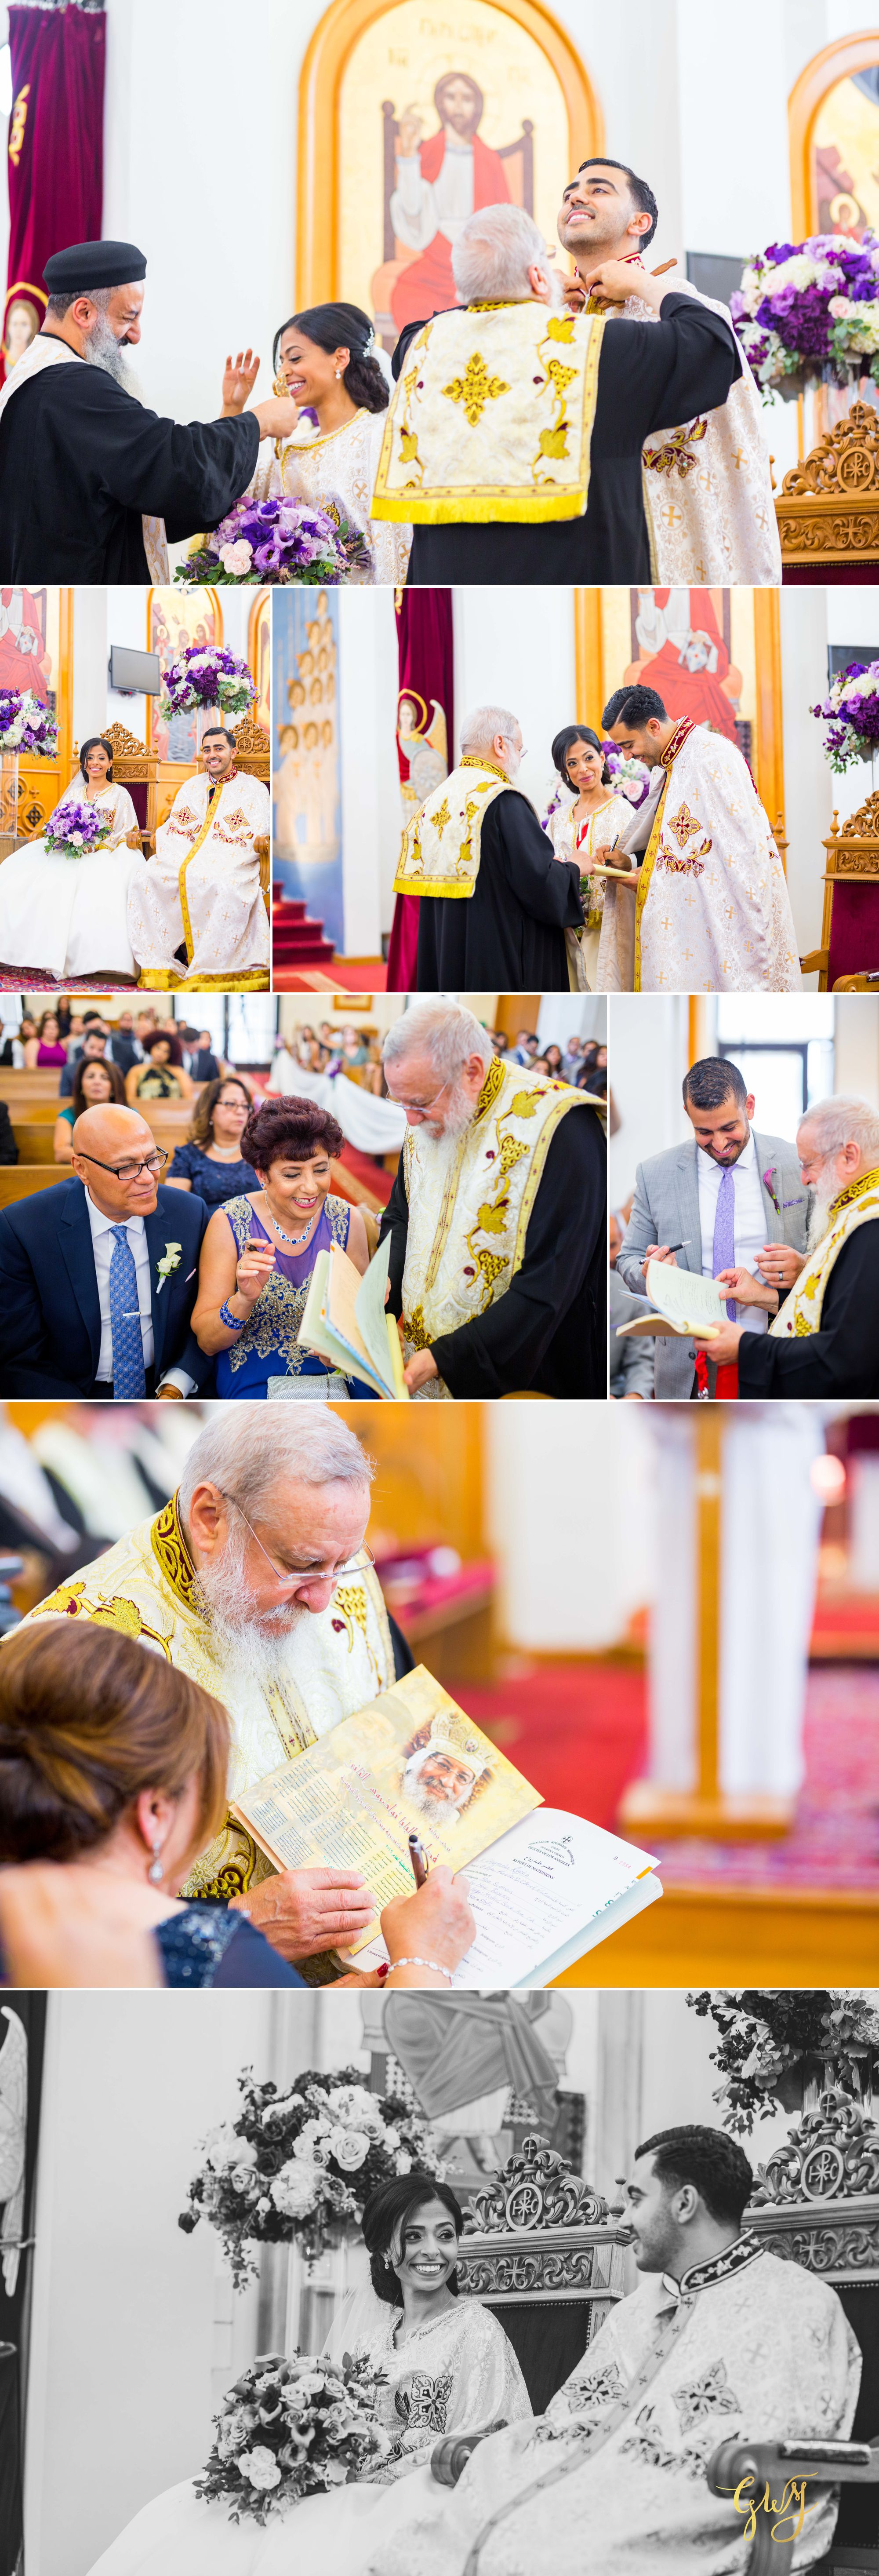 Joy + Mena Wedding Blog 11.jpg